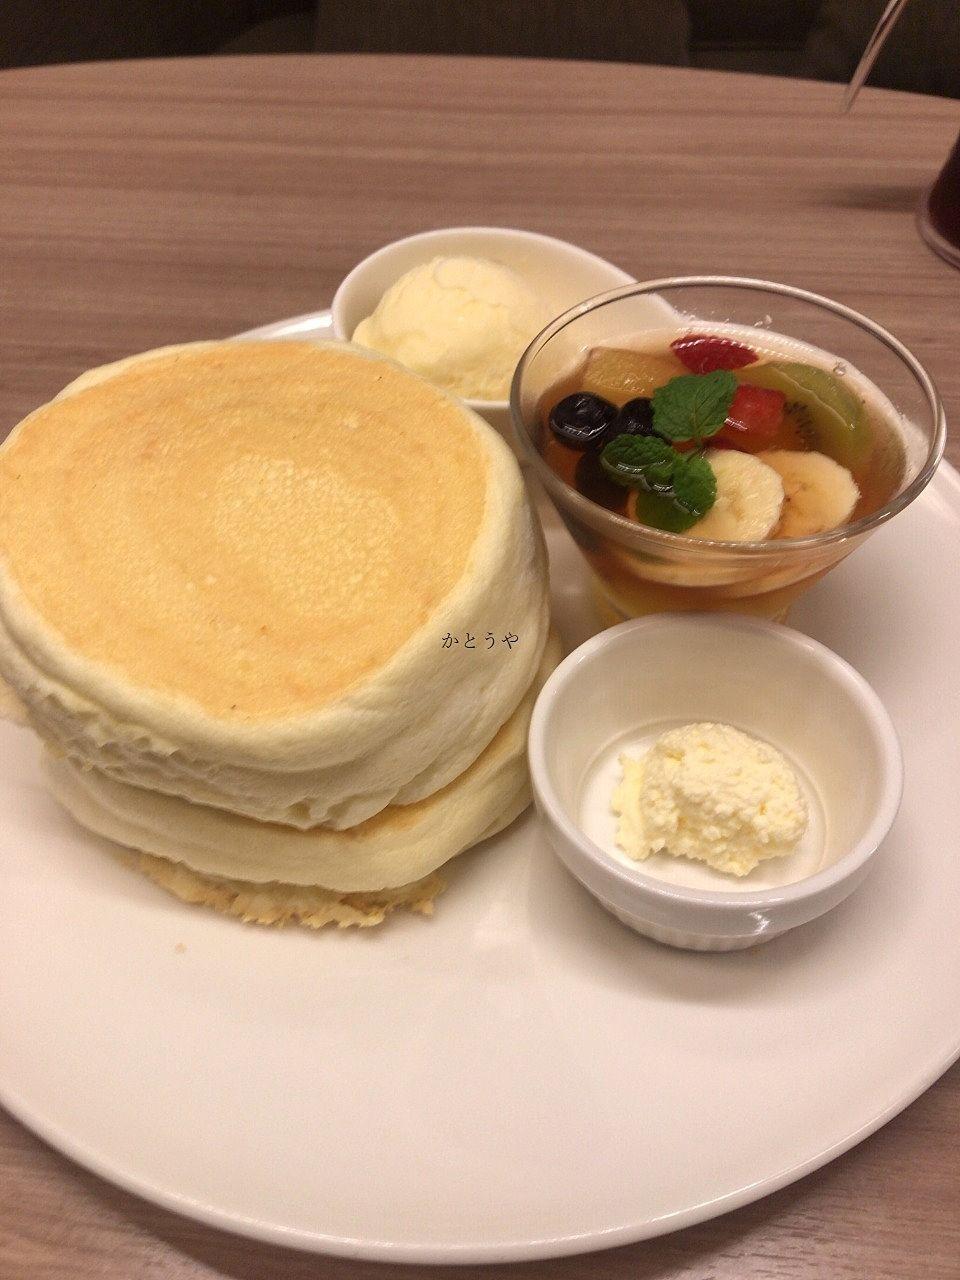 松戸市八ヶ崎のさんぽカフェ、プレーンパンケーキです